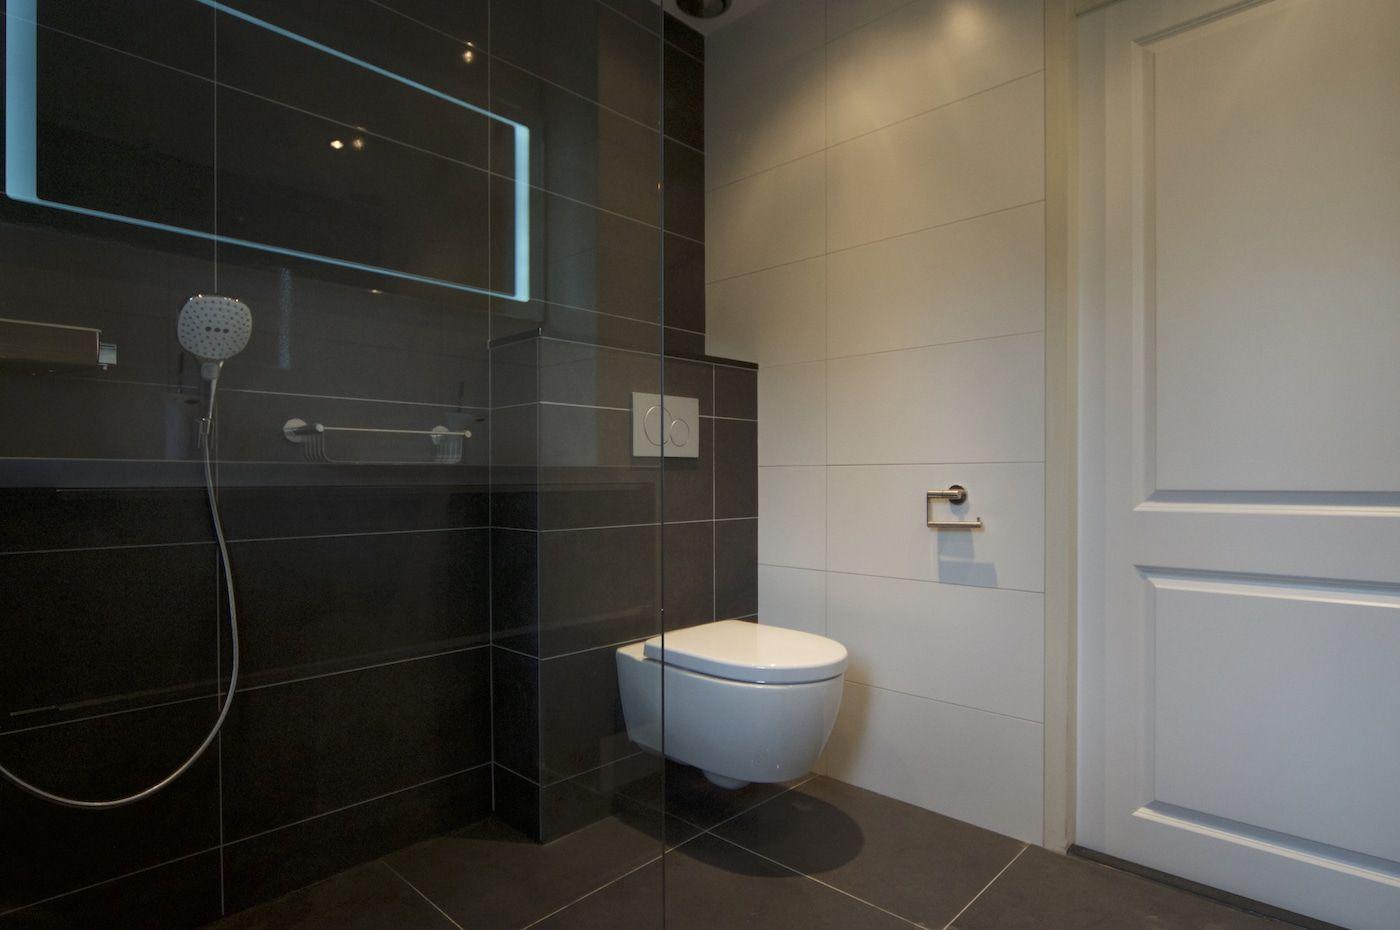 referentie landelijk. Tot in de puntjes afgewerkt bij deze badkamer ...